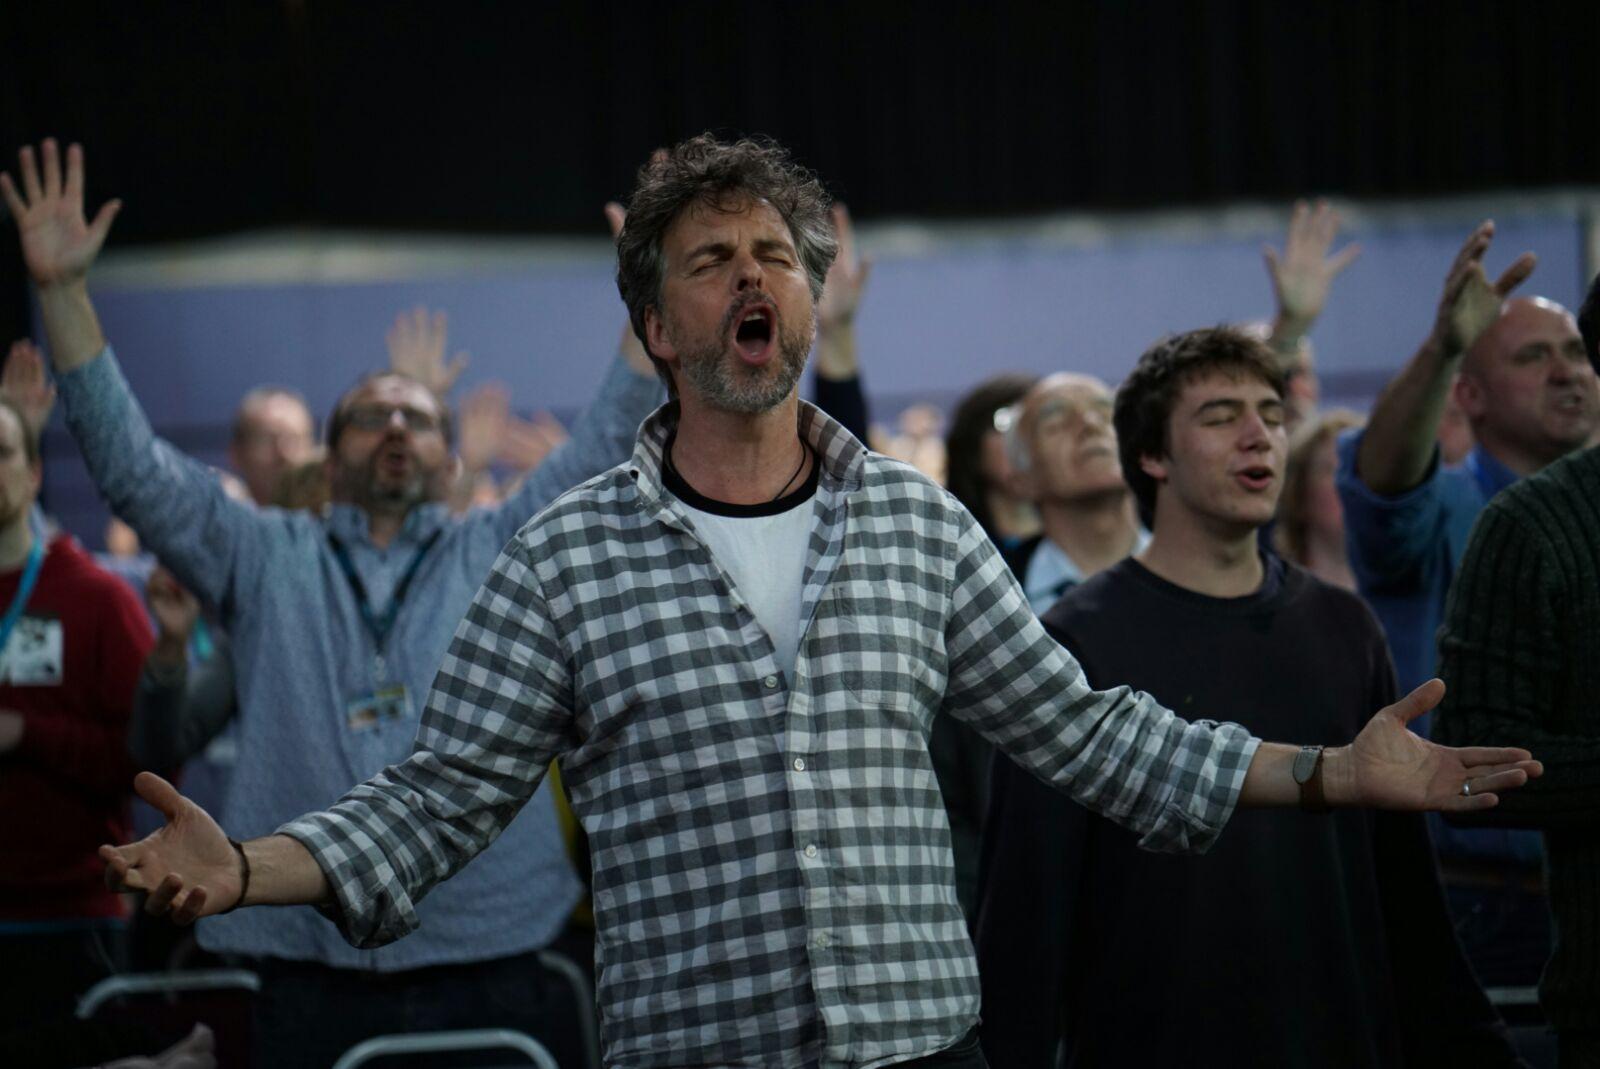 pete singing.jpg